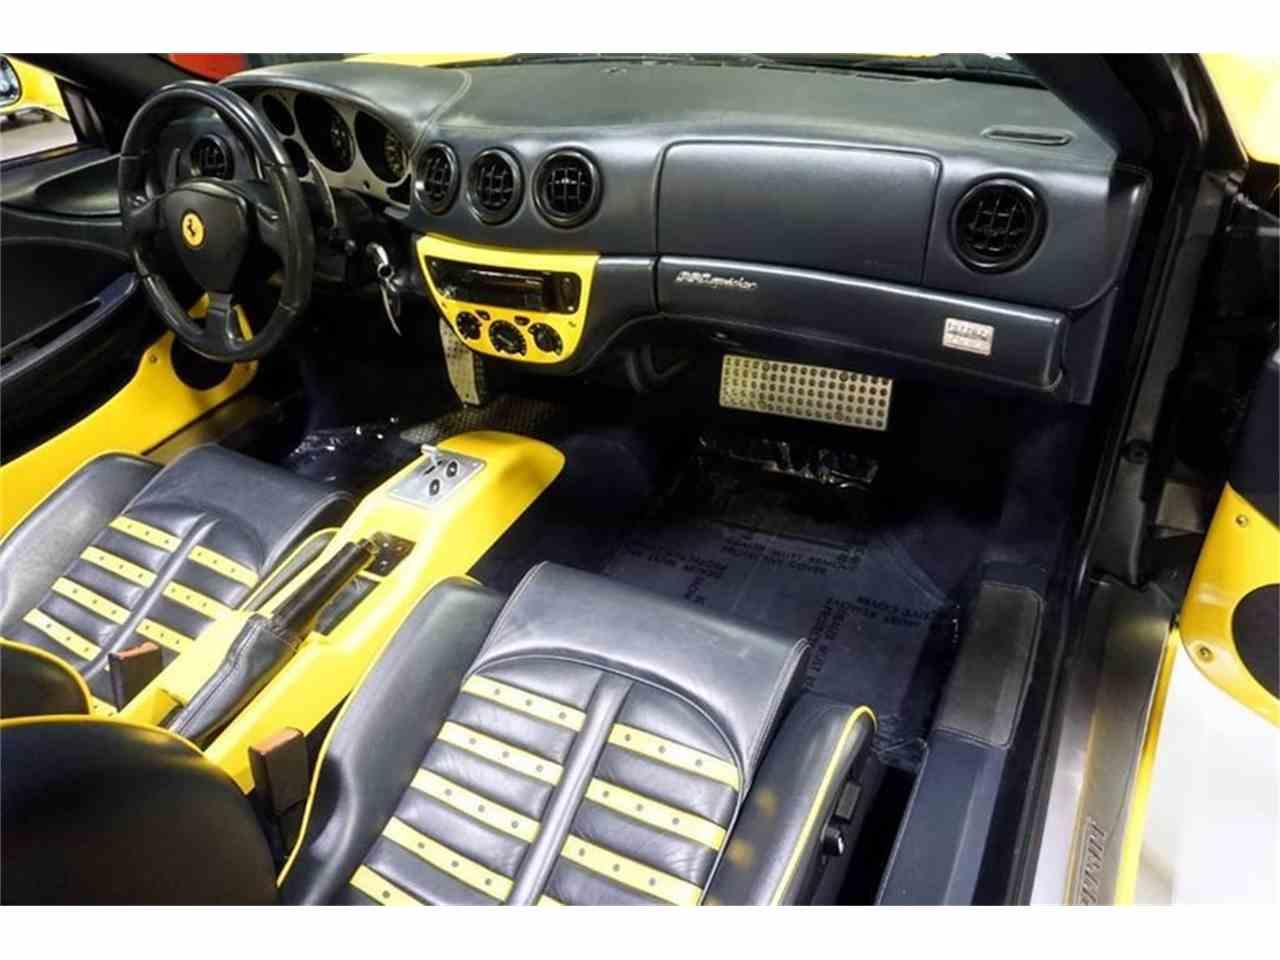 Large Picture of 2004 Ferrari 360 located in Solon Ohio - $99,999.00 - MC5X